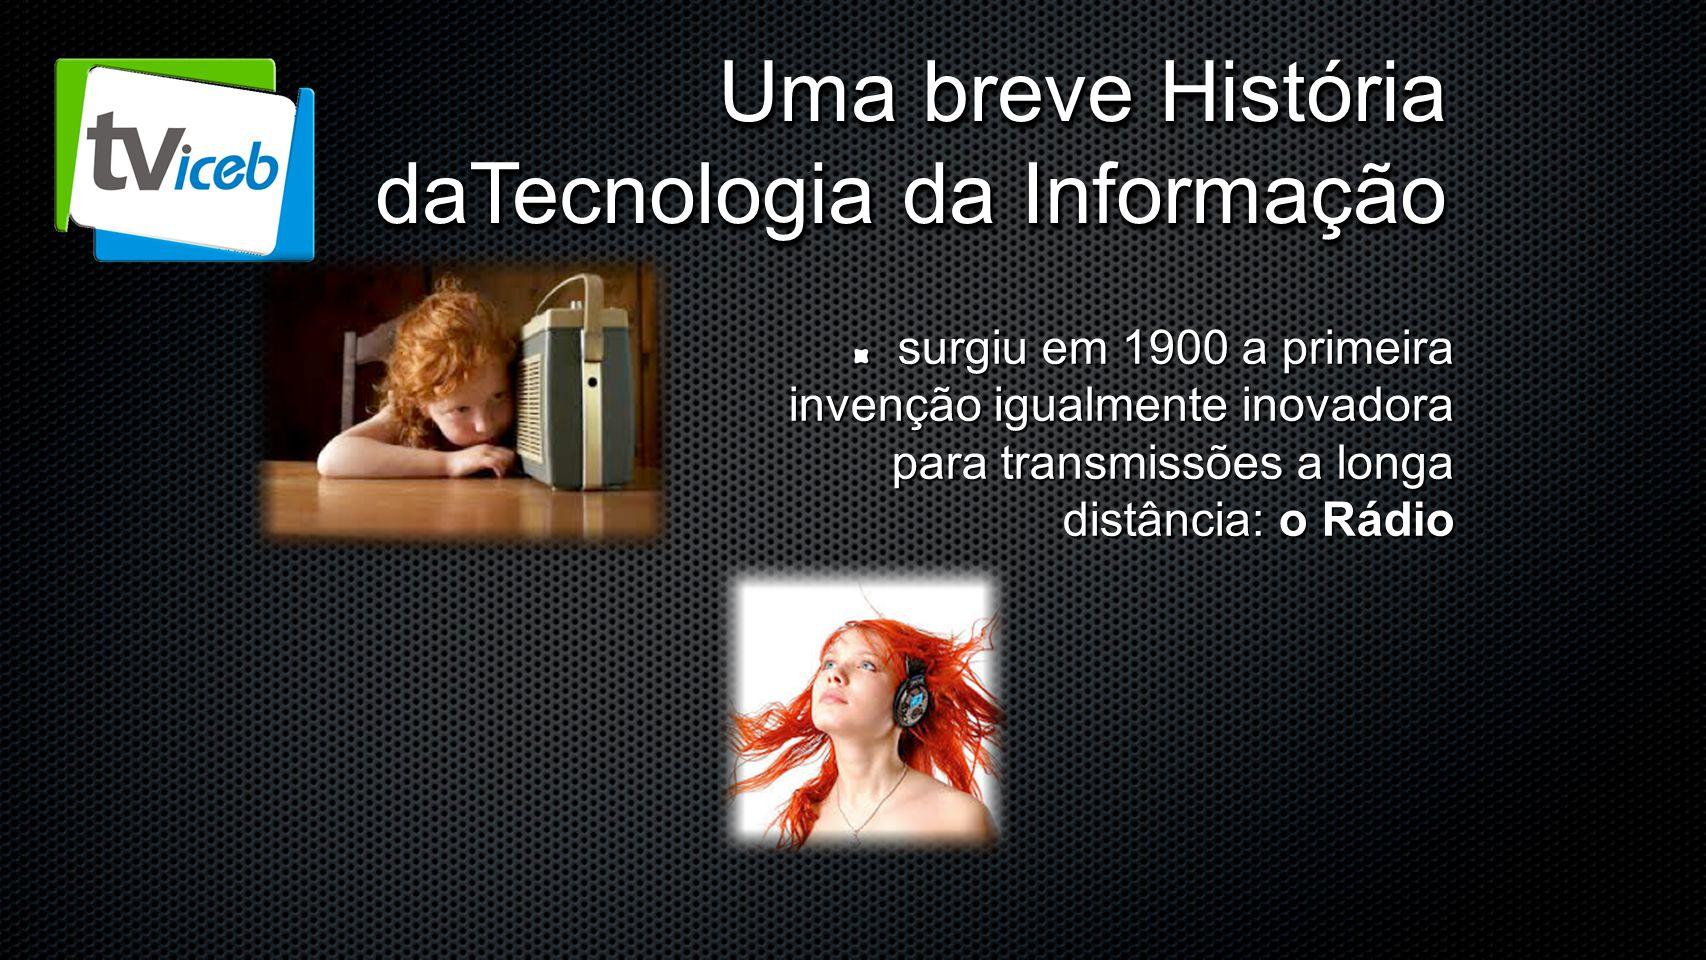 Uma breve História daTecnologia da Informação surgiu em 1900 a primeira invenção igualmente inovadora para transmissões a longa distância: o Rádio